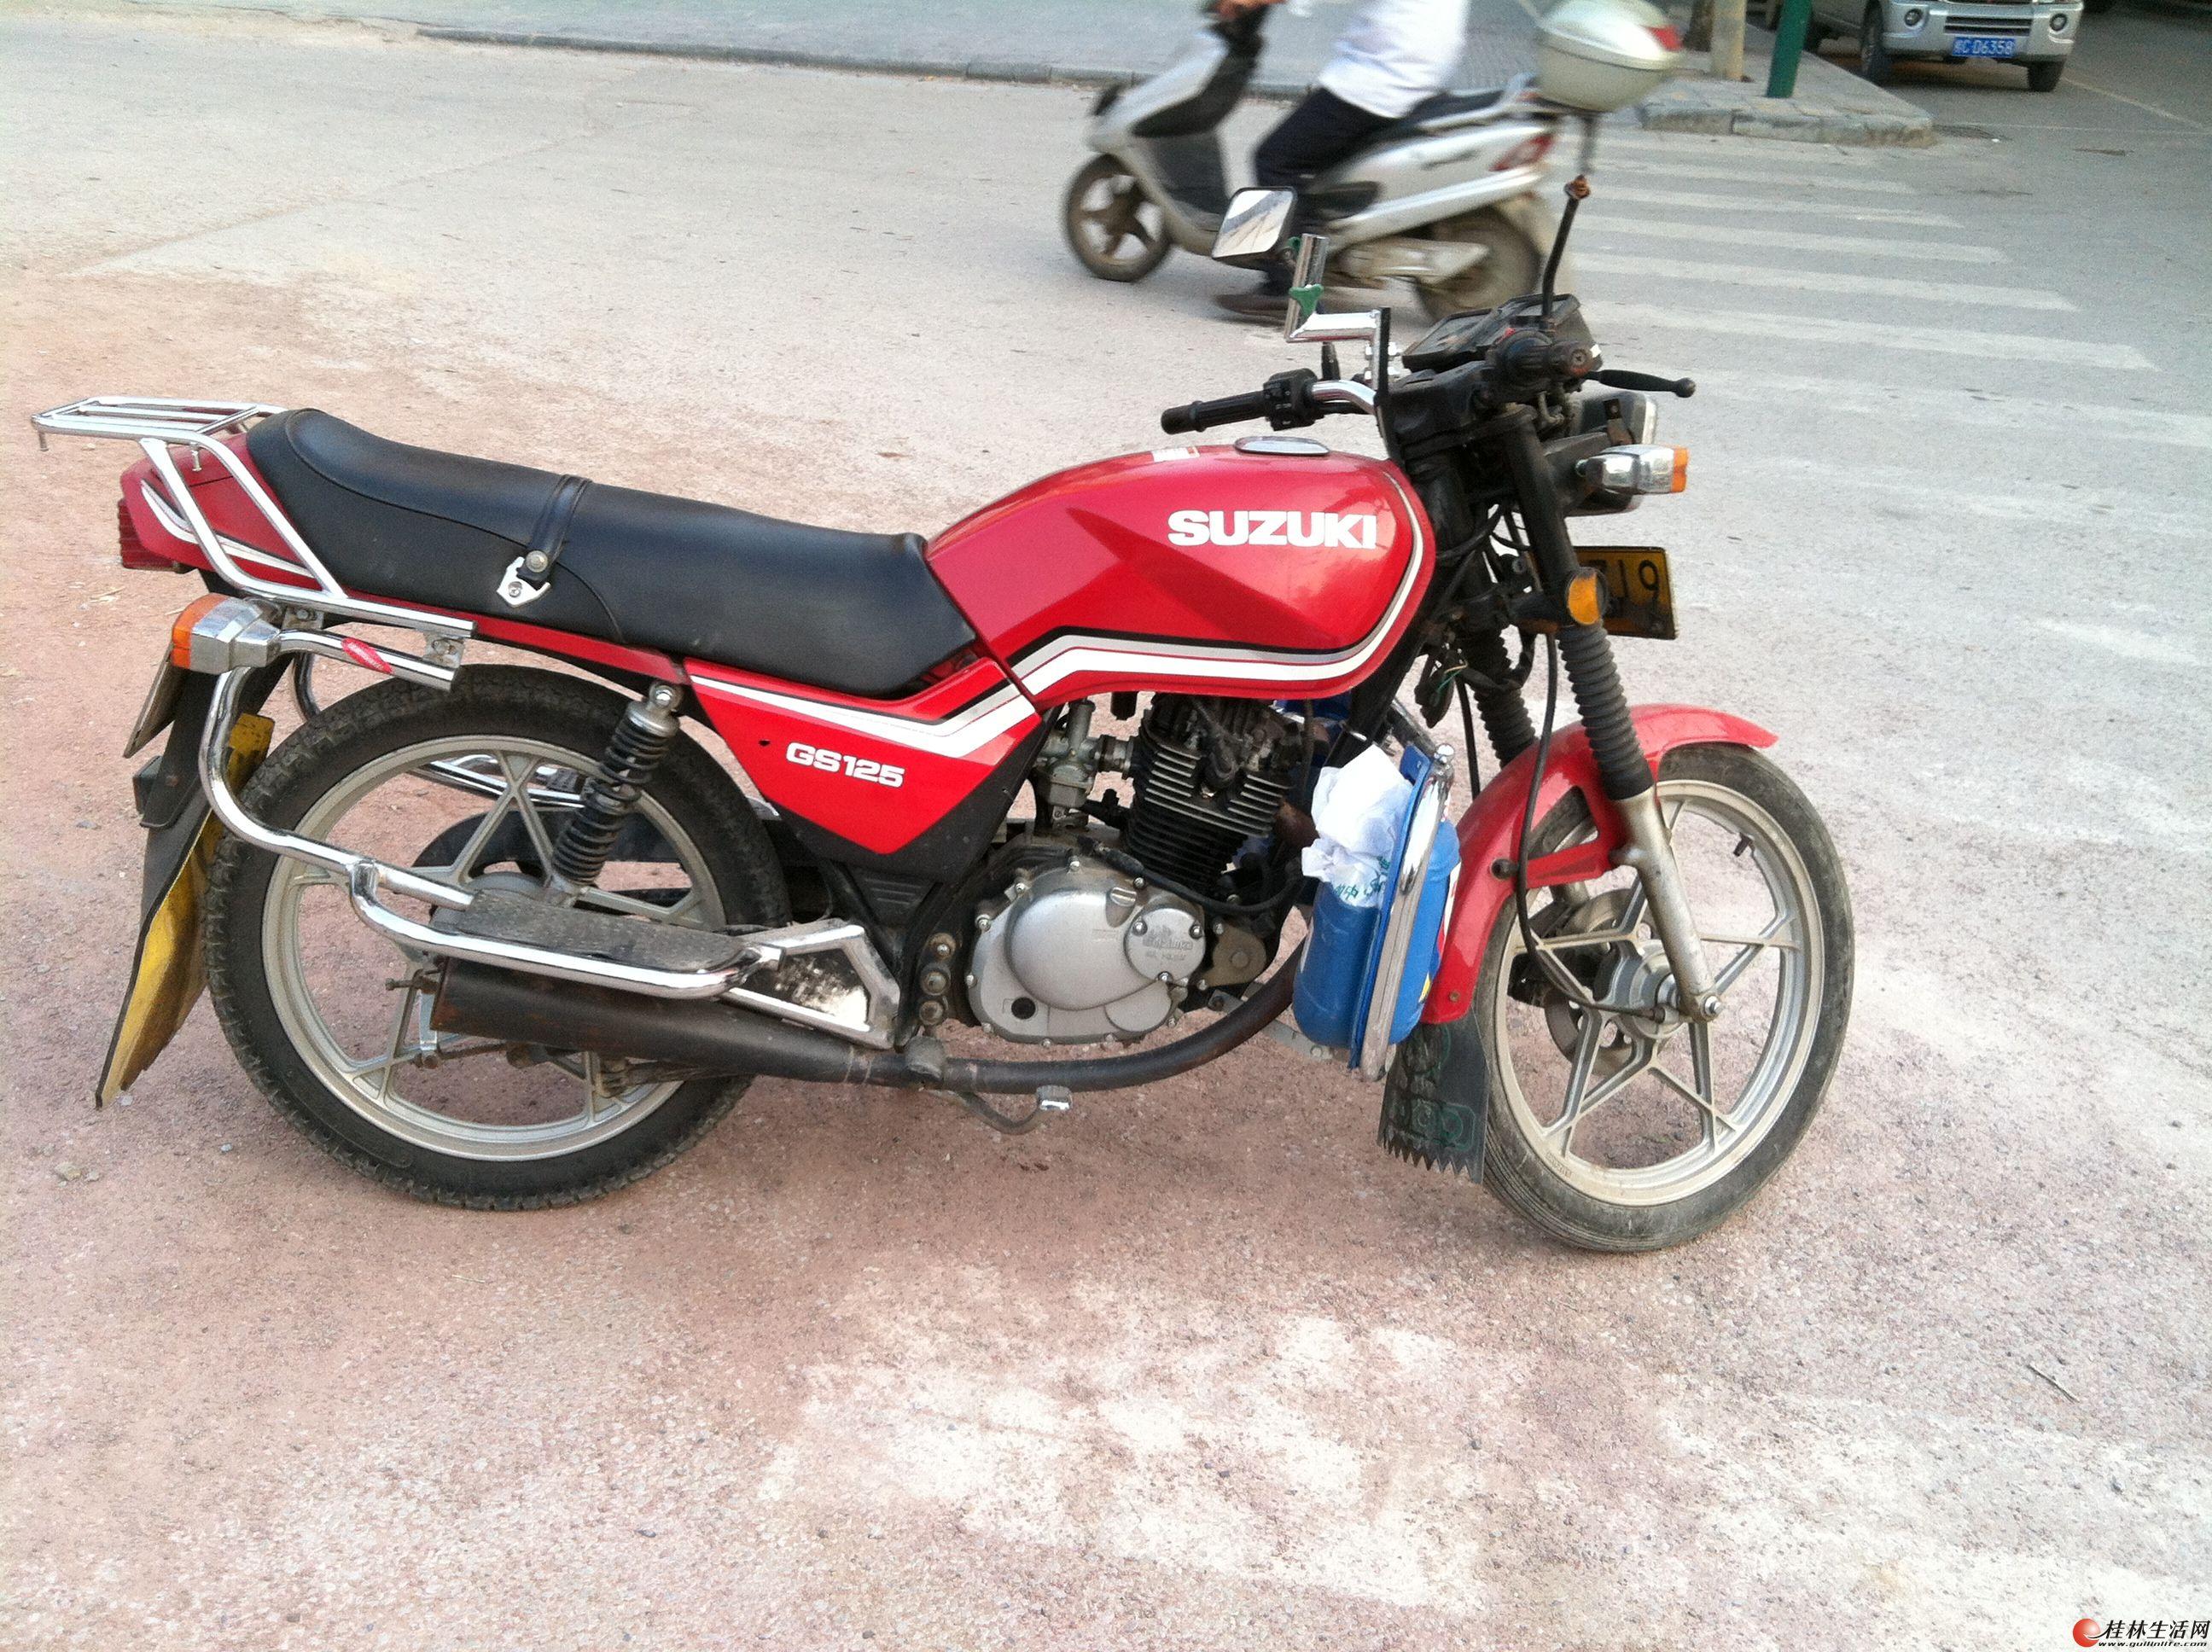 铃木摩托车_好几圈铃木踏板摩托车 哪个品牌的踏板摩托车故障率最低、质量 ...